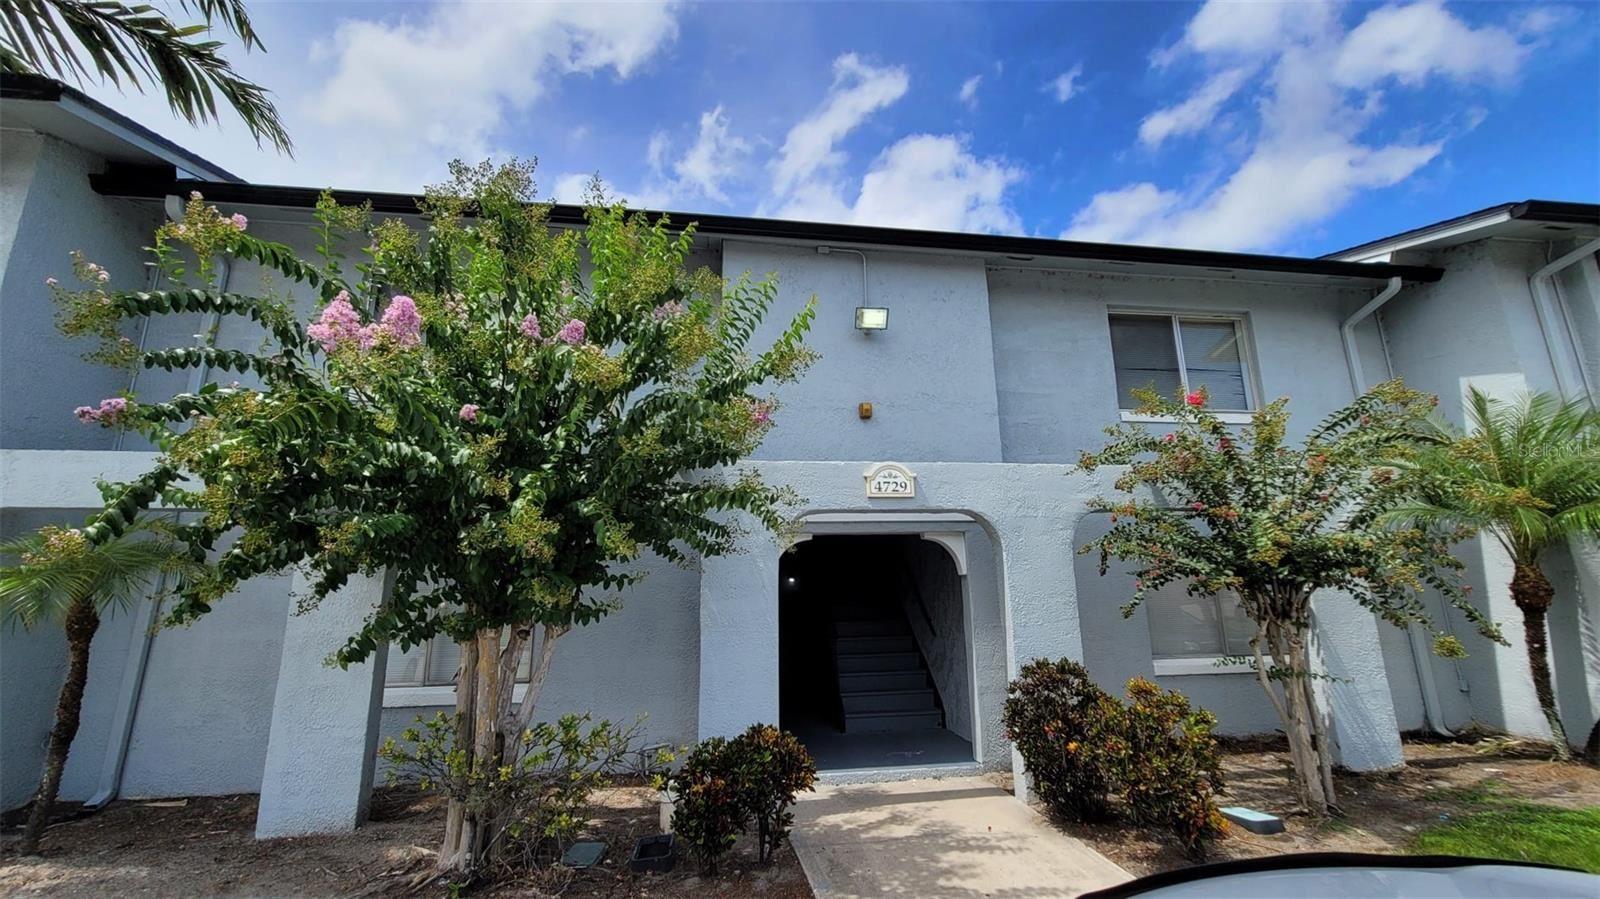 4729 S TEXAS AVENUE #C4729, Orlando, FL 32839 - MLS#: S5054450